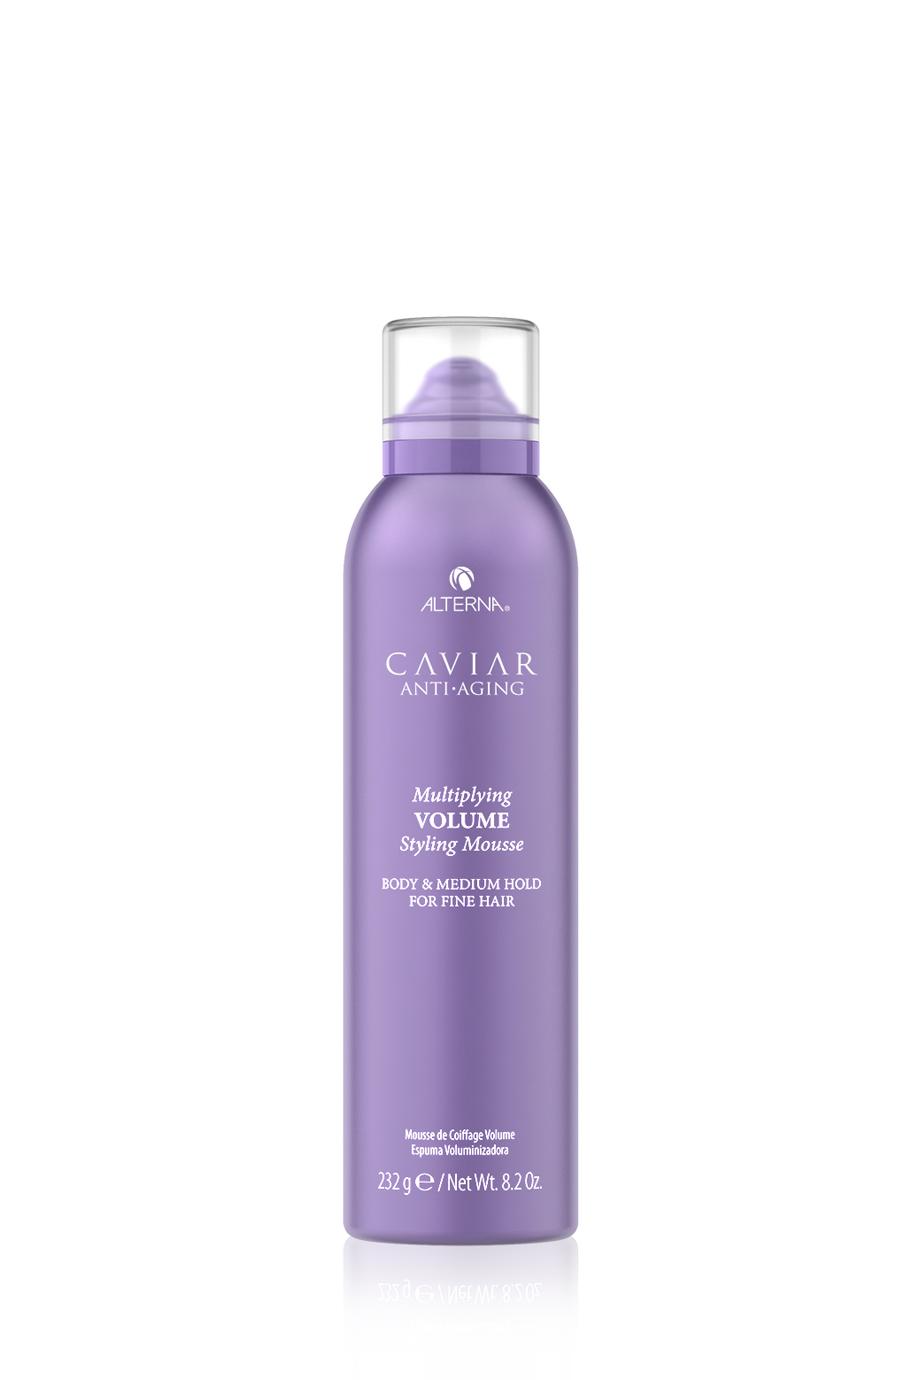 ALTERNA Мусс-лифтинг для придания волосам объема и плотности с кератиновым комплексом CAVIAR Anti-Aging Multiplying Volume Styling Mousse, 232 гр